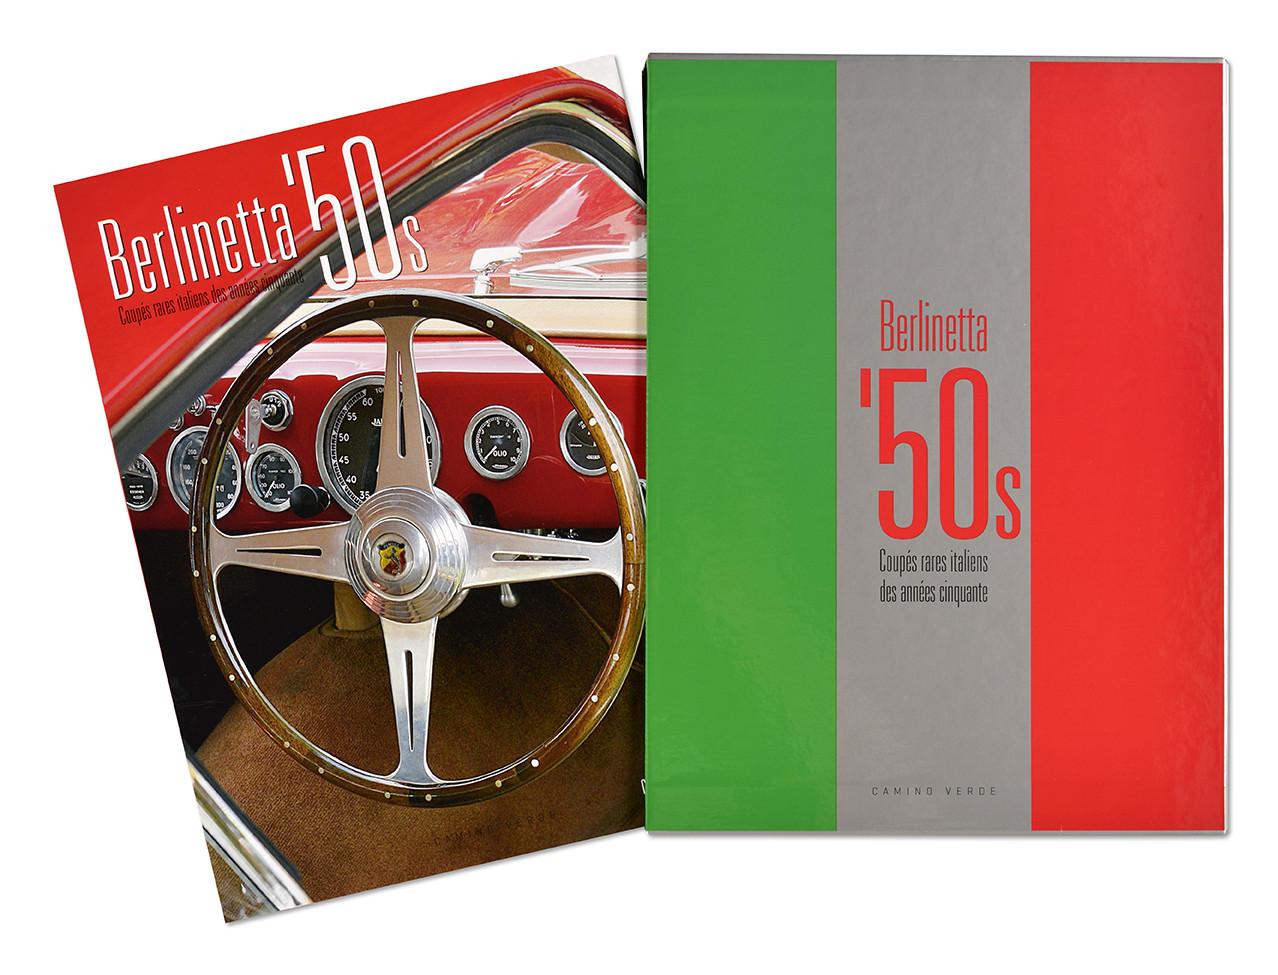 Berlinetta '50s, coupés rares italiens des années cinquante, Xavie de Nombel et Christian Descombes, Camino Verde, coffret + livre